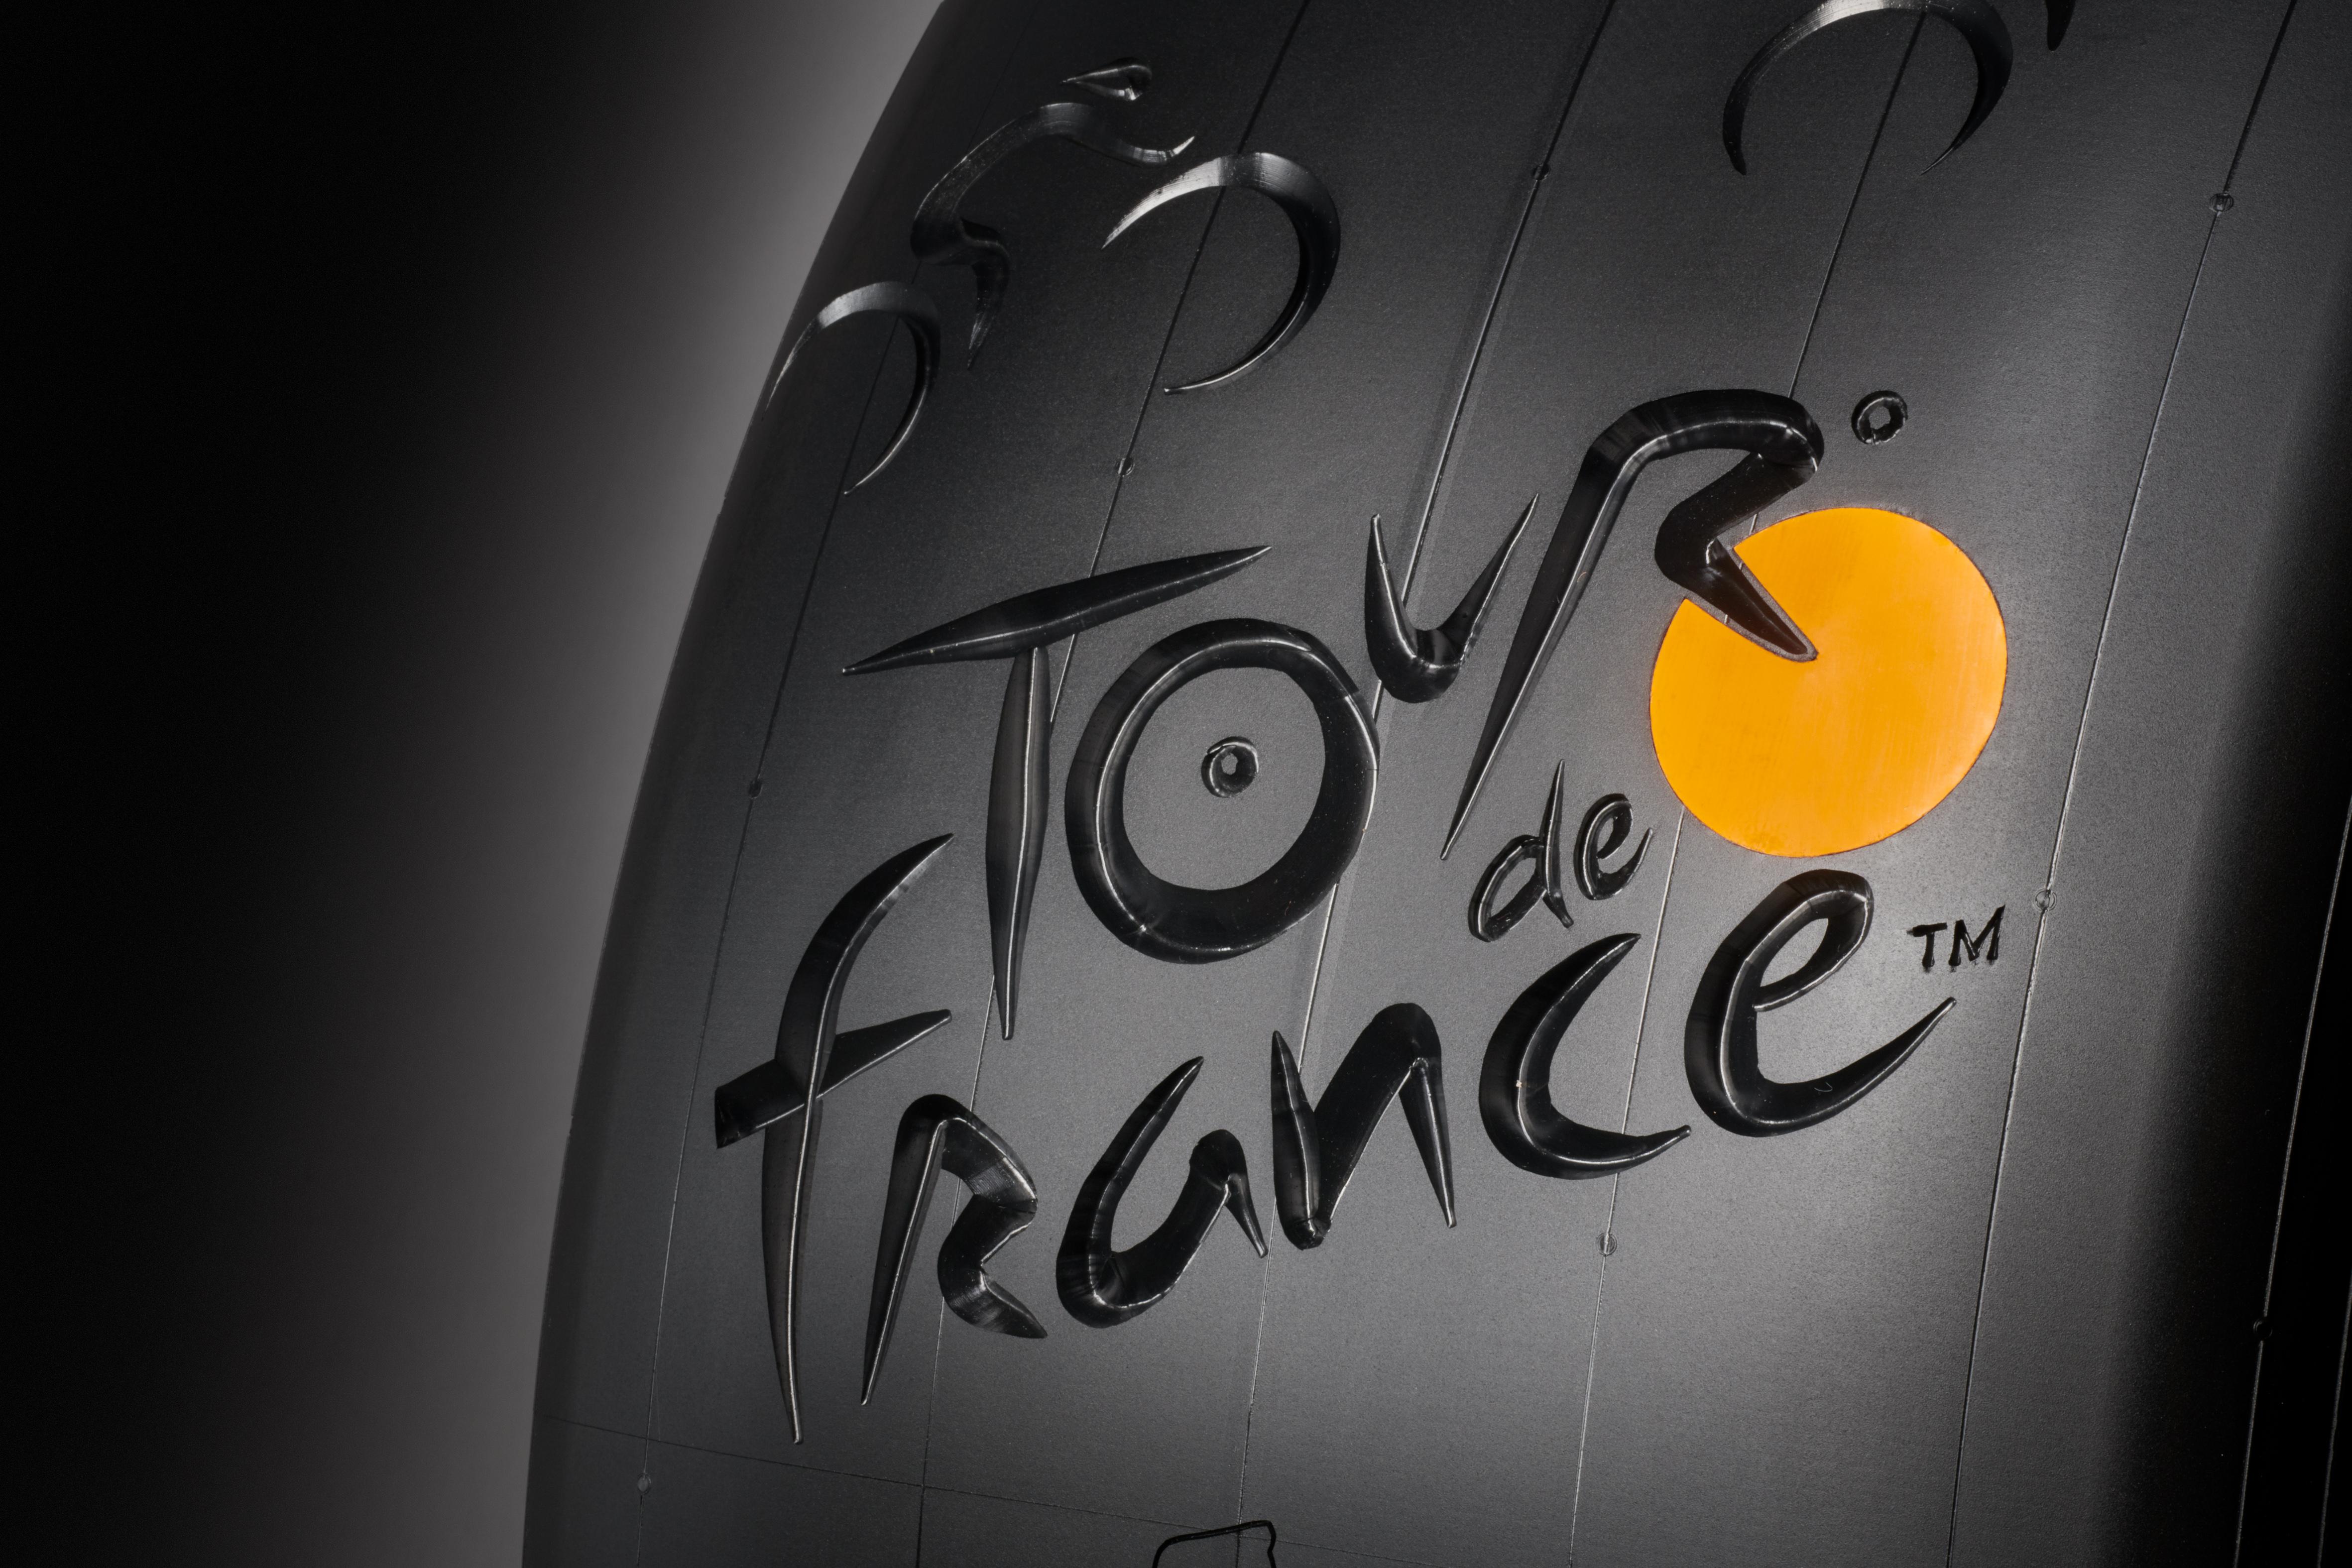 Conti 190212 Tour de France Reifen6073